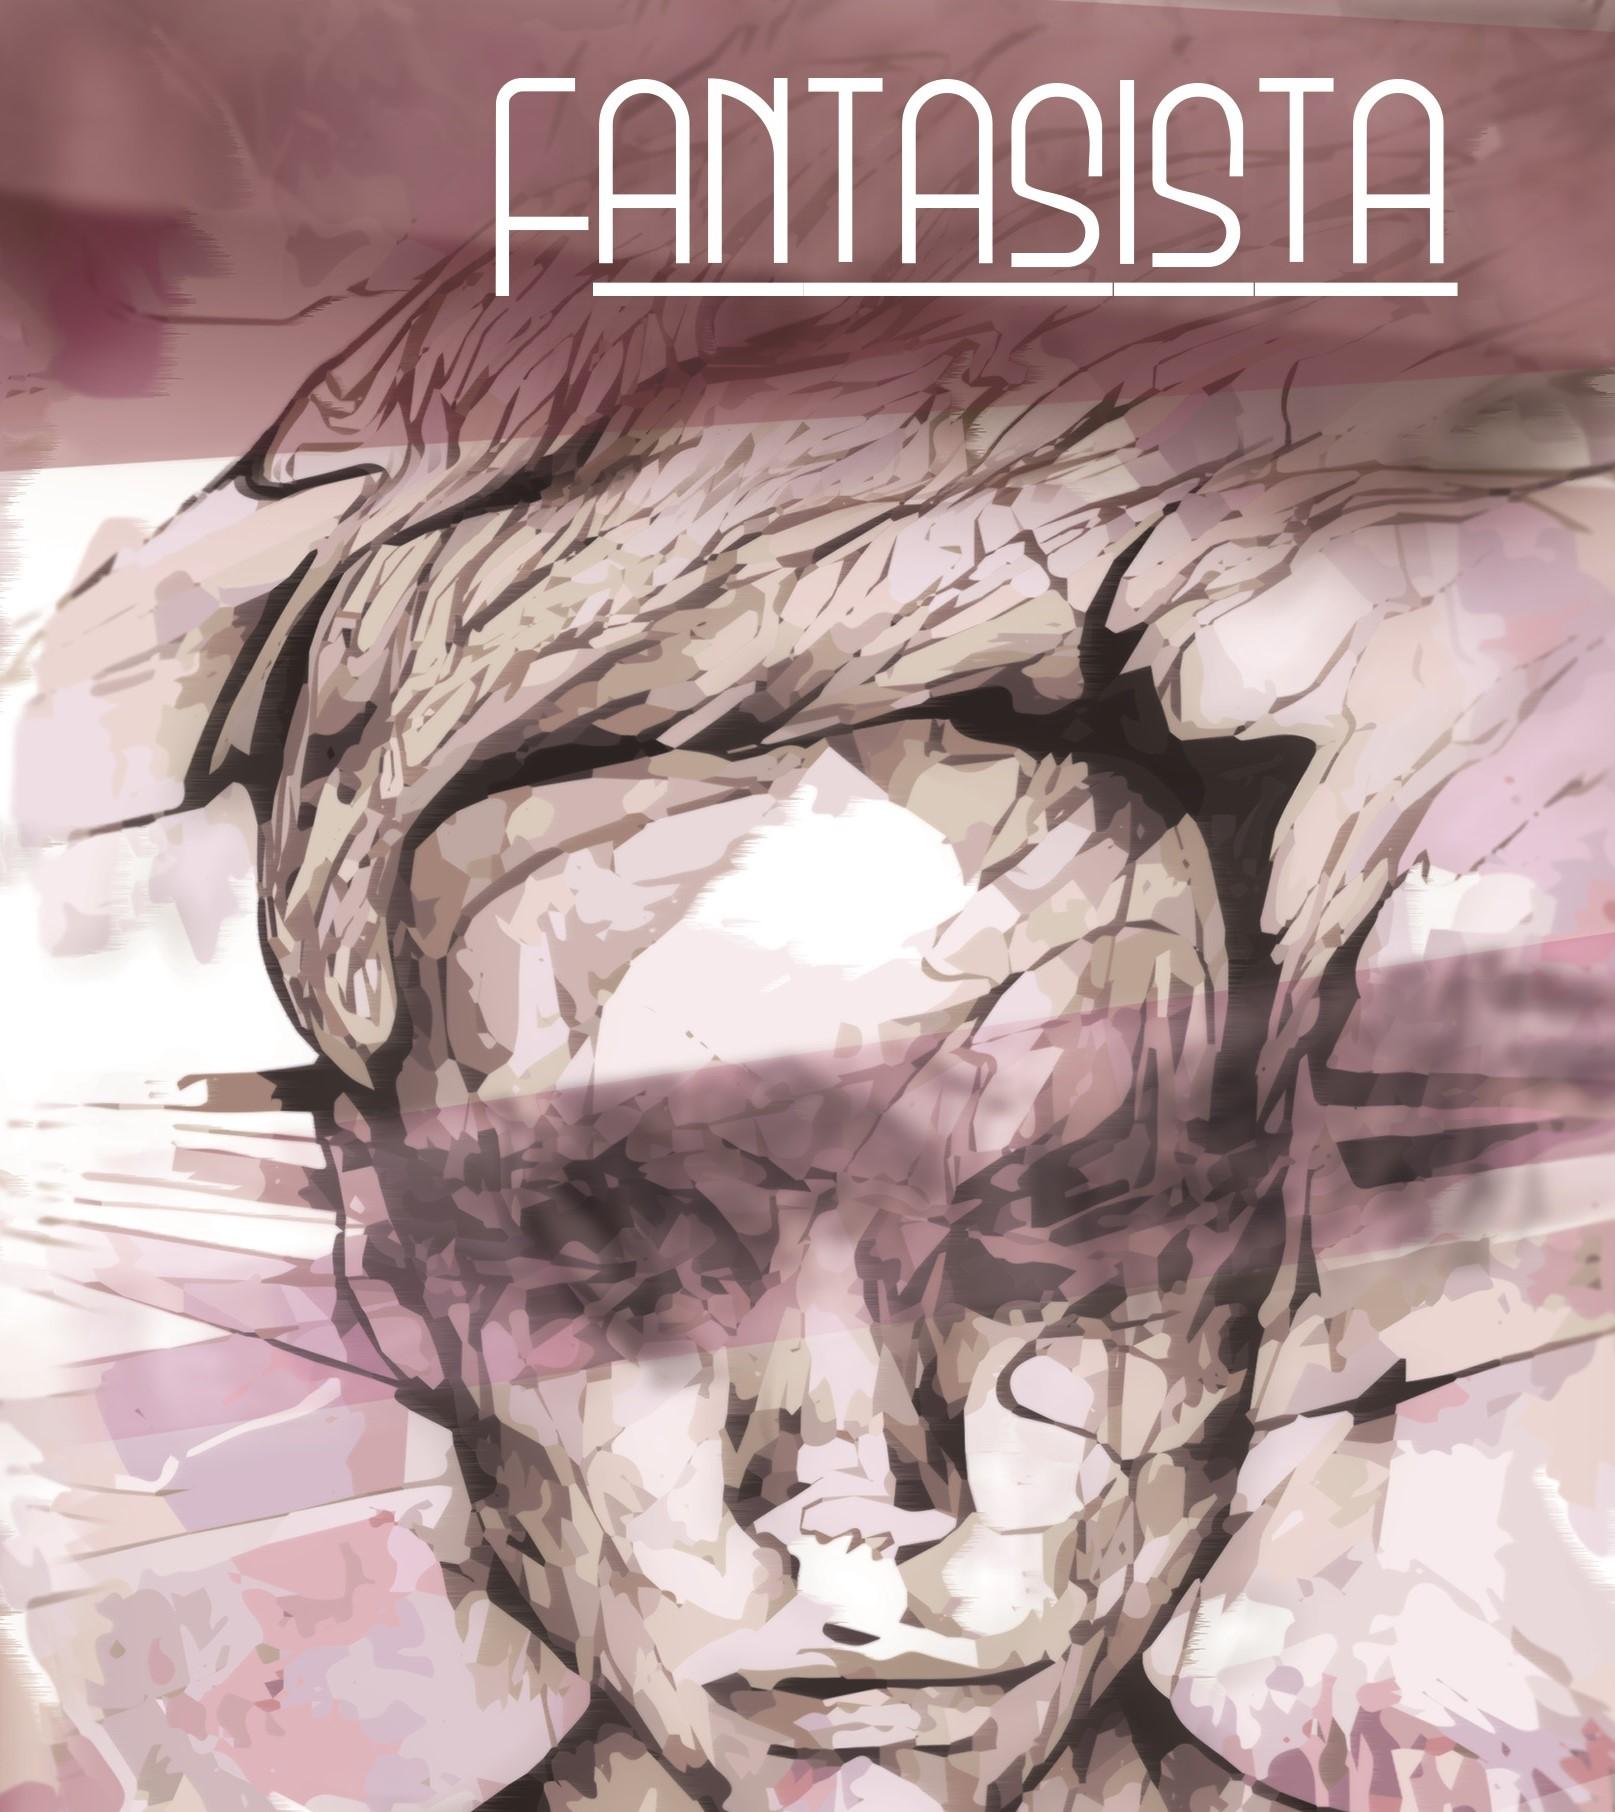 Hoy será presentado el poemario Fantasista. Escorzos del poeta